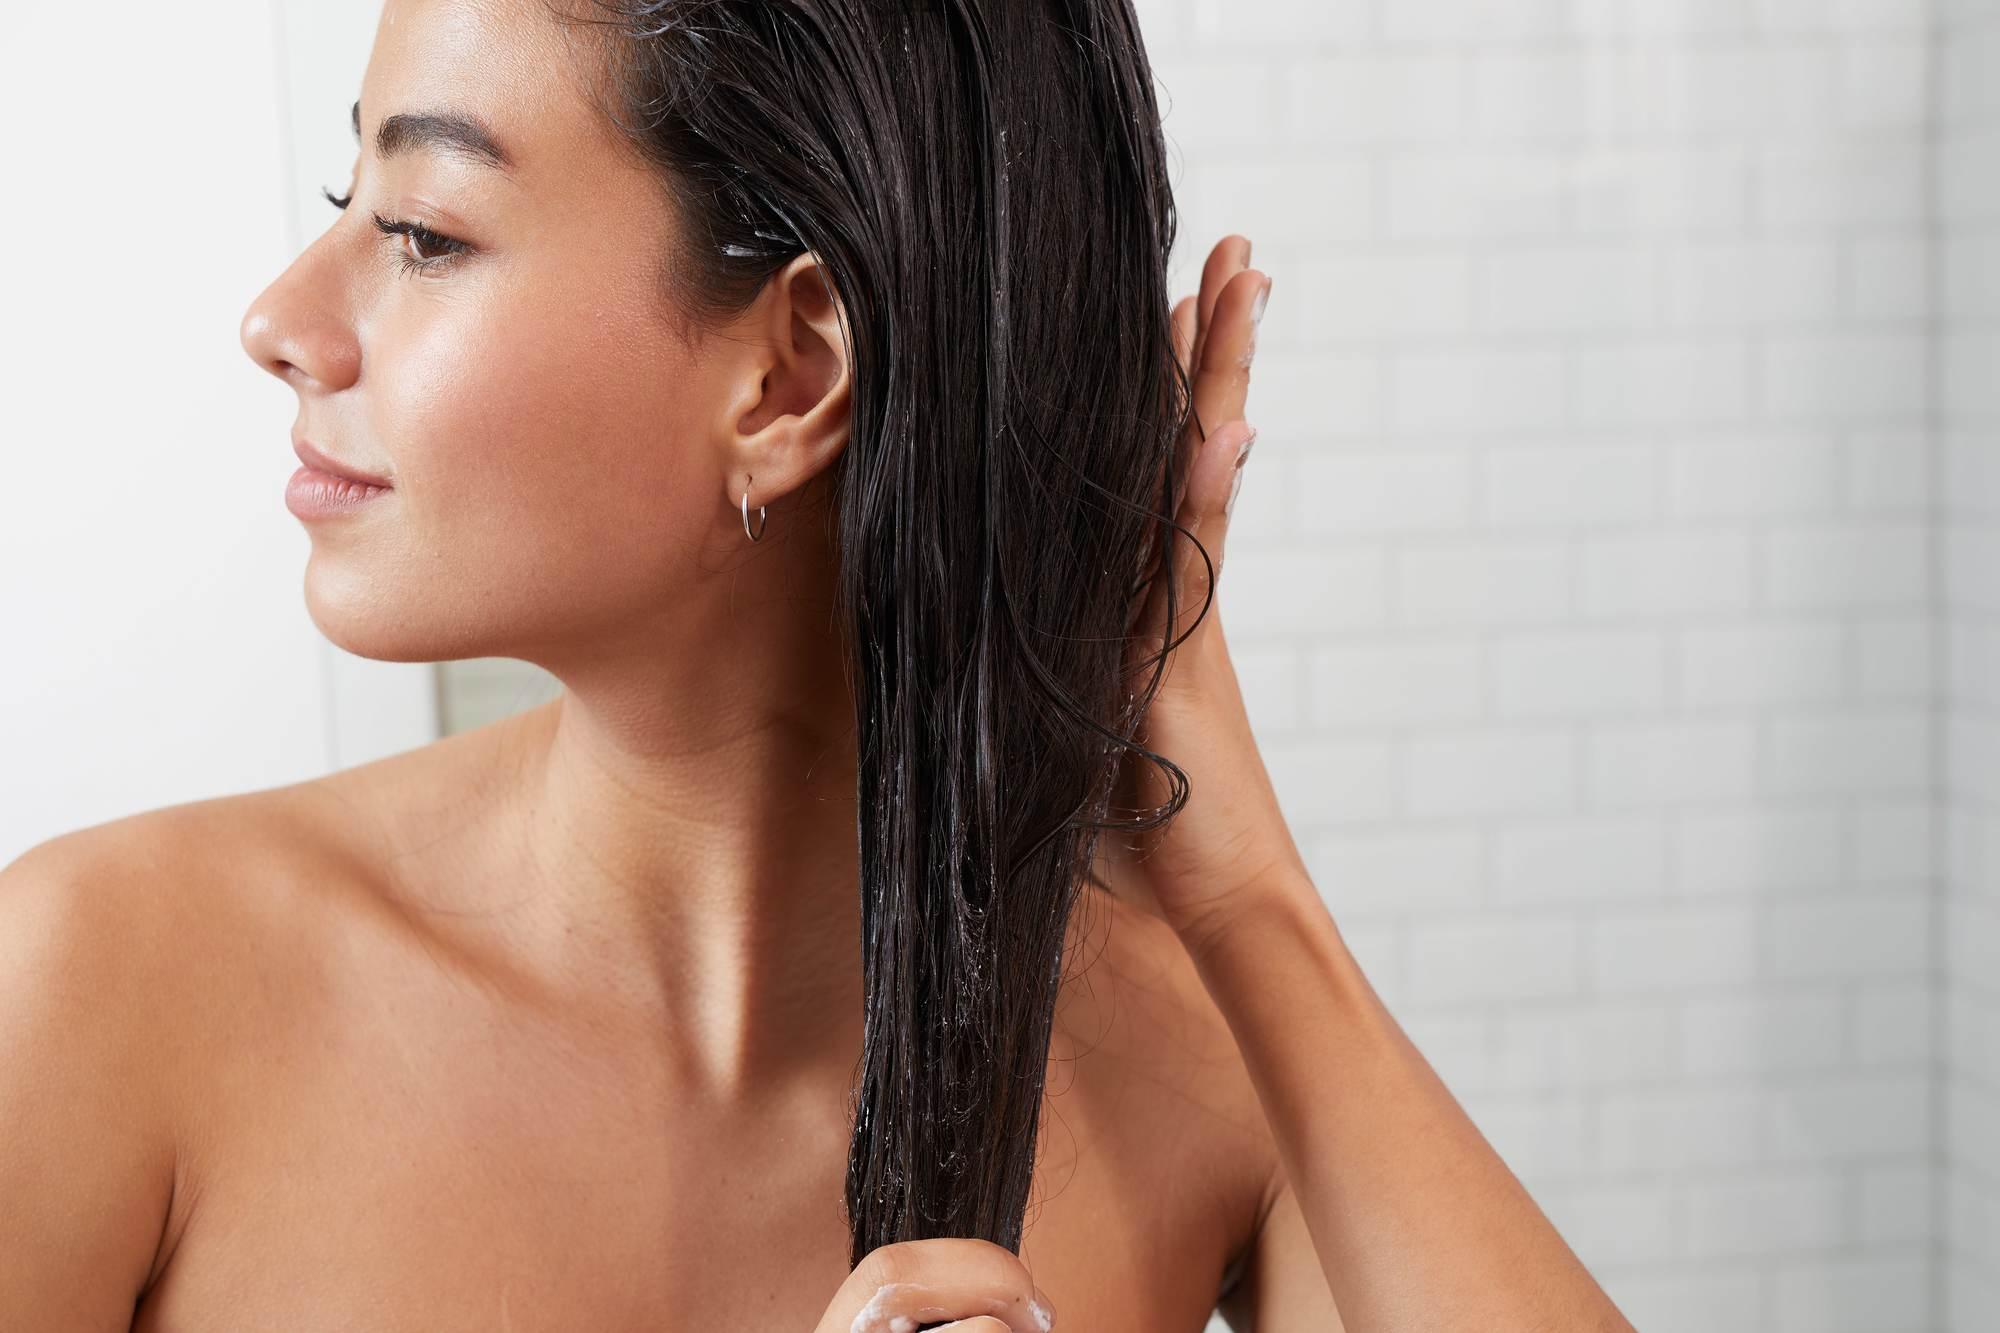 Femme aux cheveux bruns foncés appliquant un après-shampoing sur ses cheveux mouillés